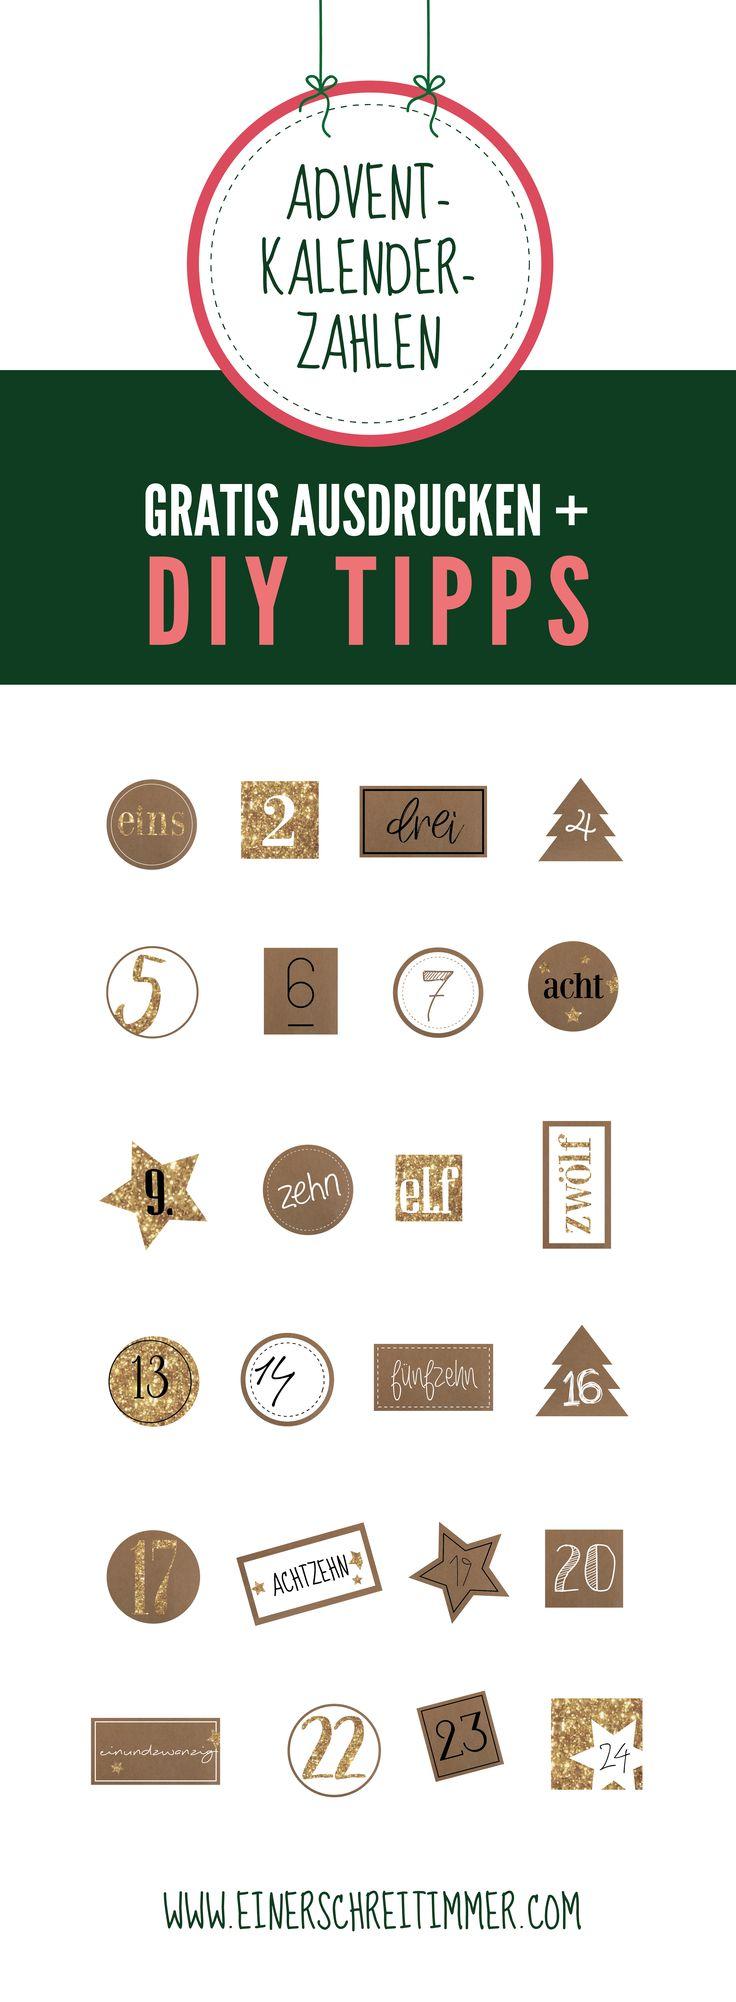 Adventskalenderzahlen zum Aufkleben für deinen Adventskalender. Außerdem haben wir das Internet durchsucht und die schönsten Adventskalender für euch zusammengetragen. Mit diesen Ideen für deinen Adventskalender kann Weihnachten kommen...